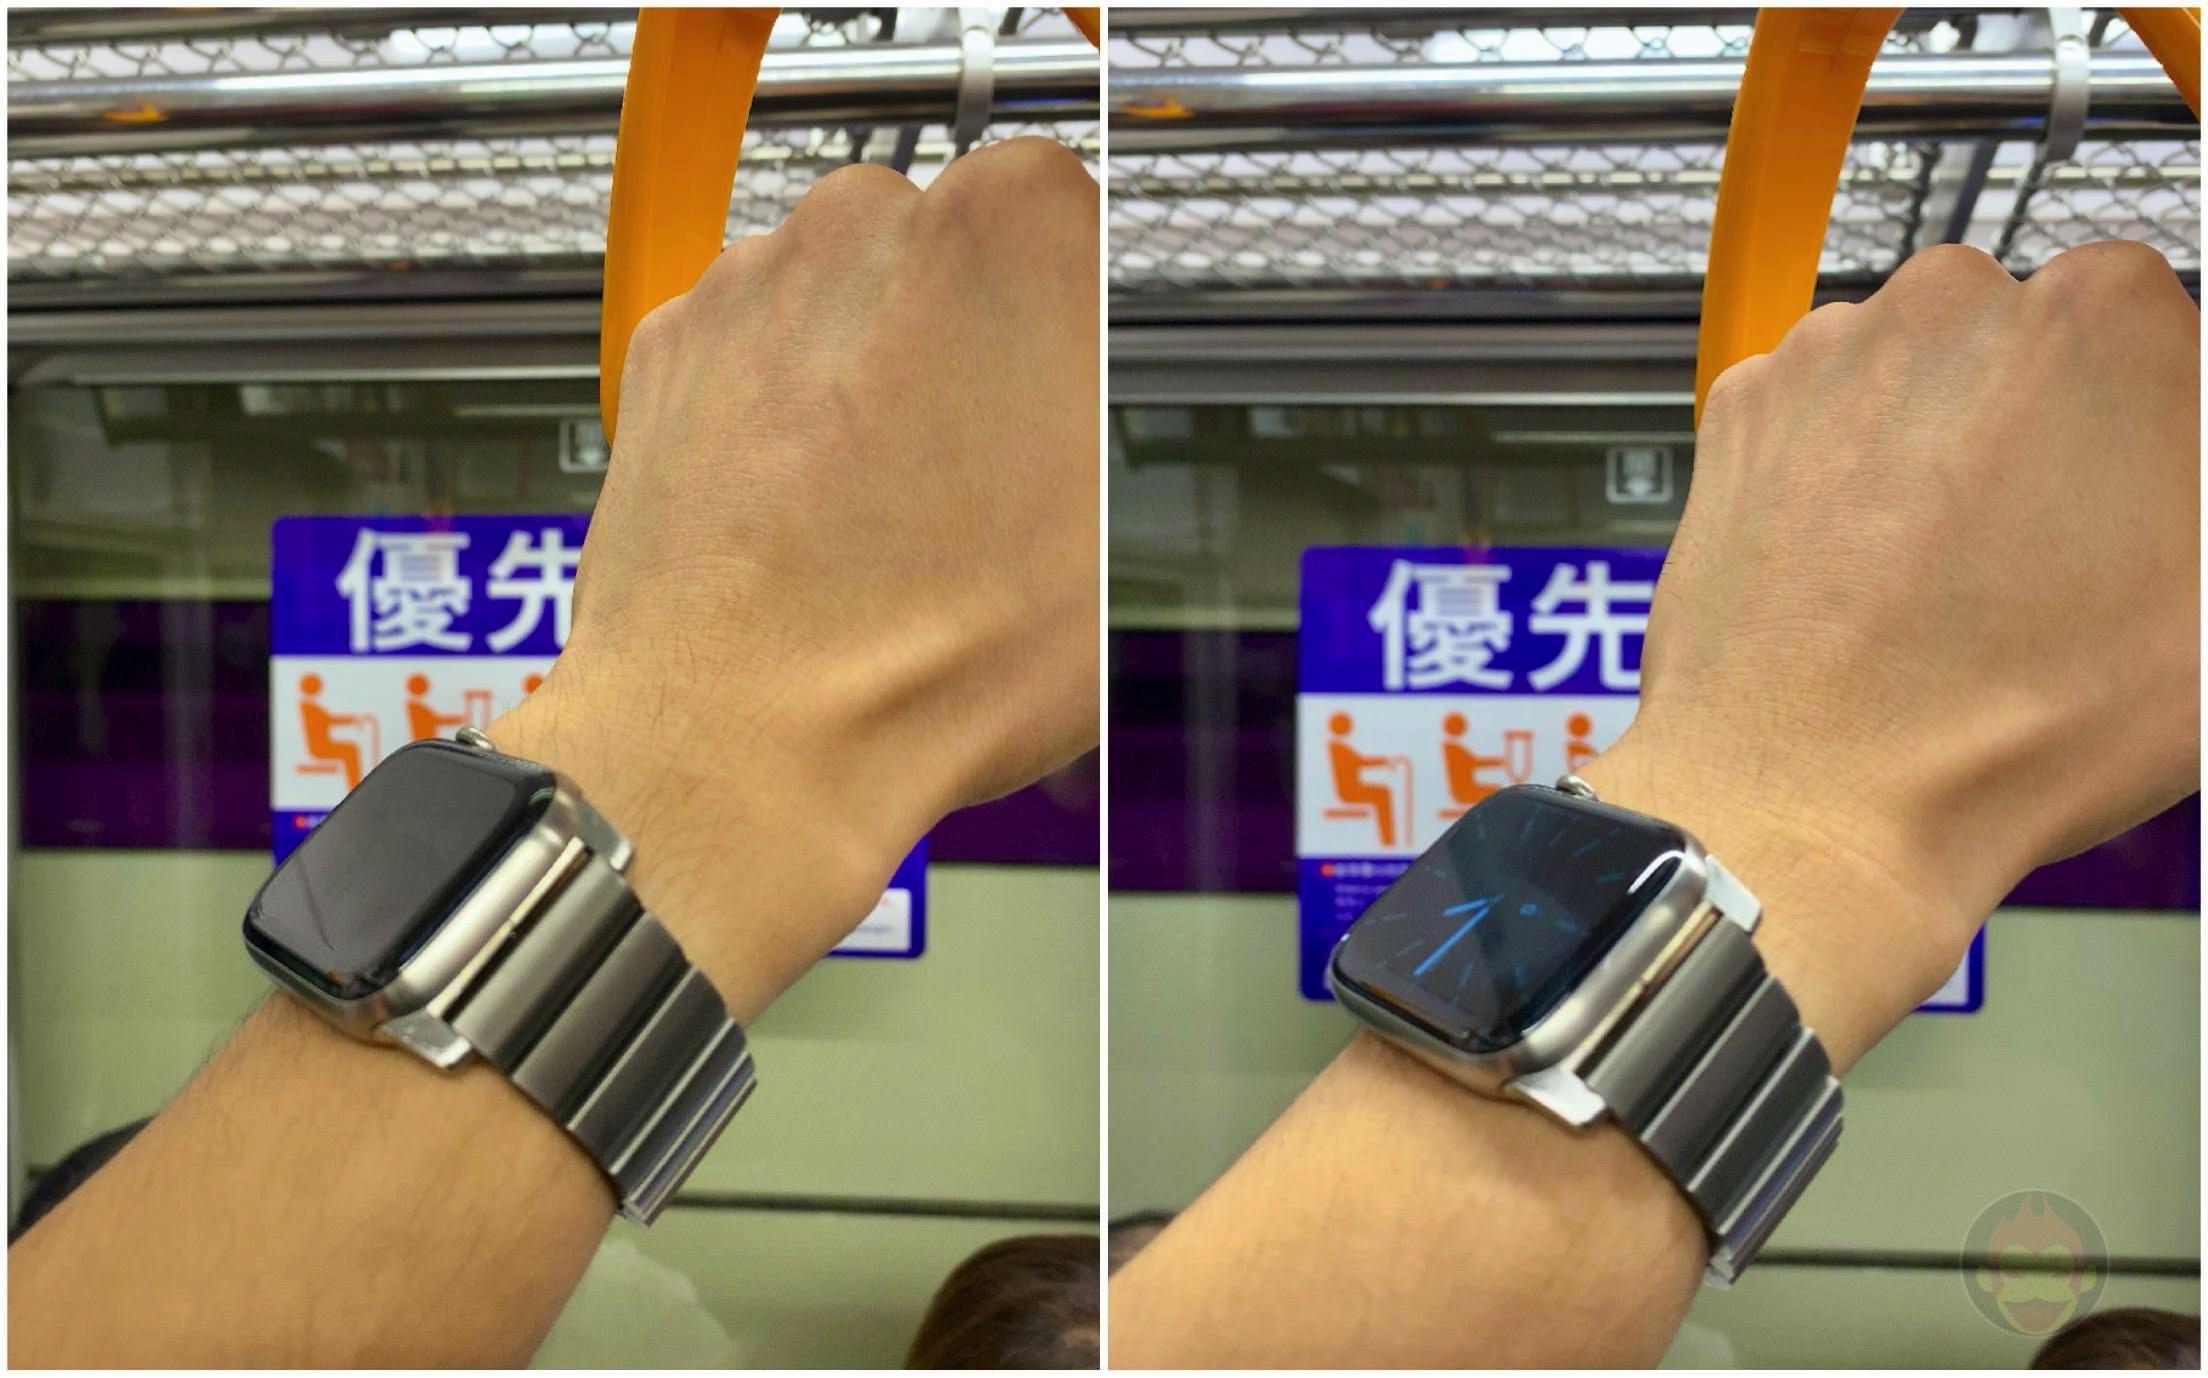 Apple Watch Series 5 Always on Display 01